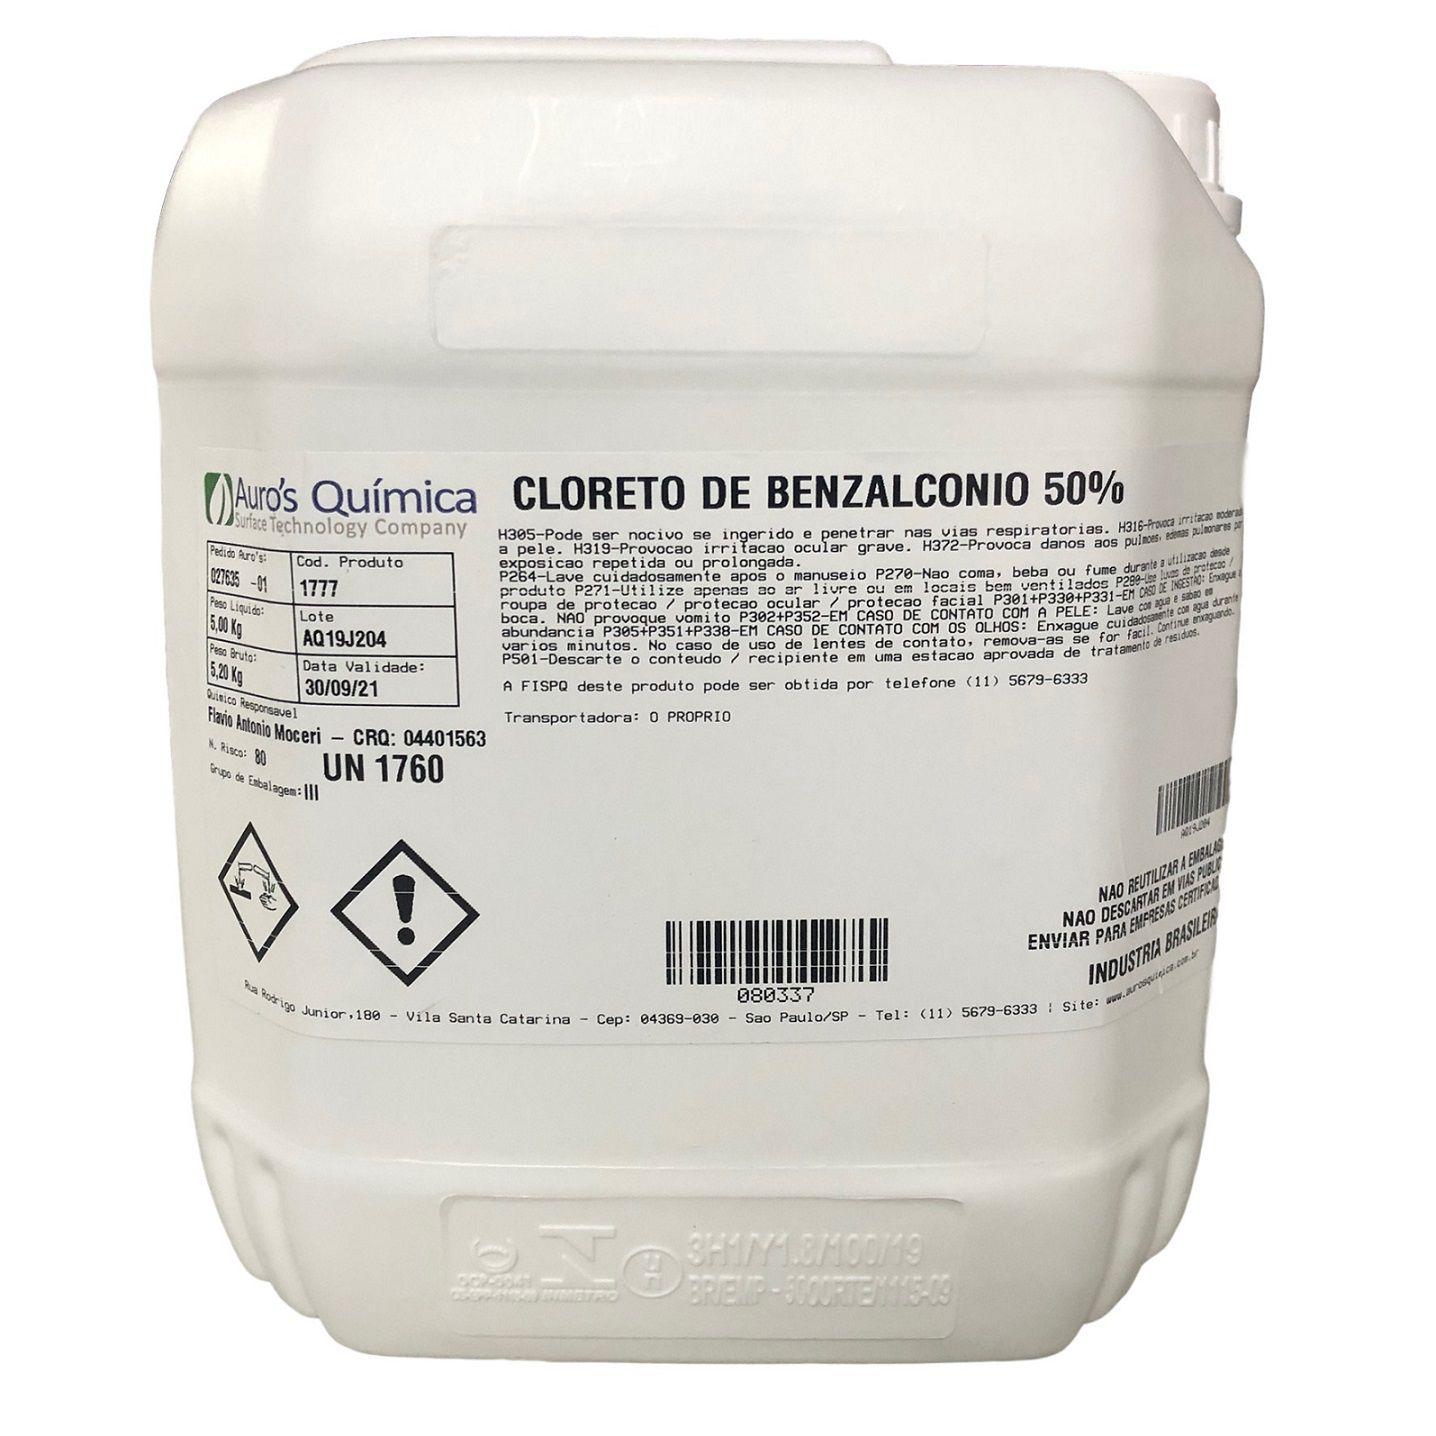 Cloreto de Benzalcônio 50% - 5 Litros